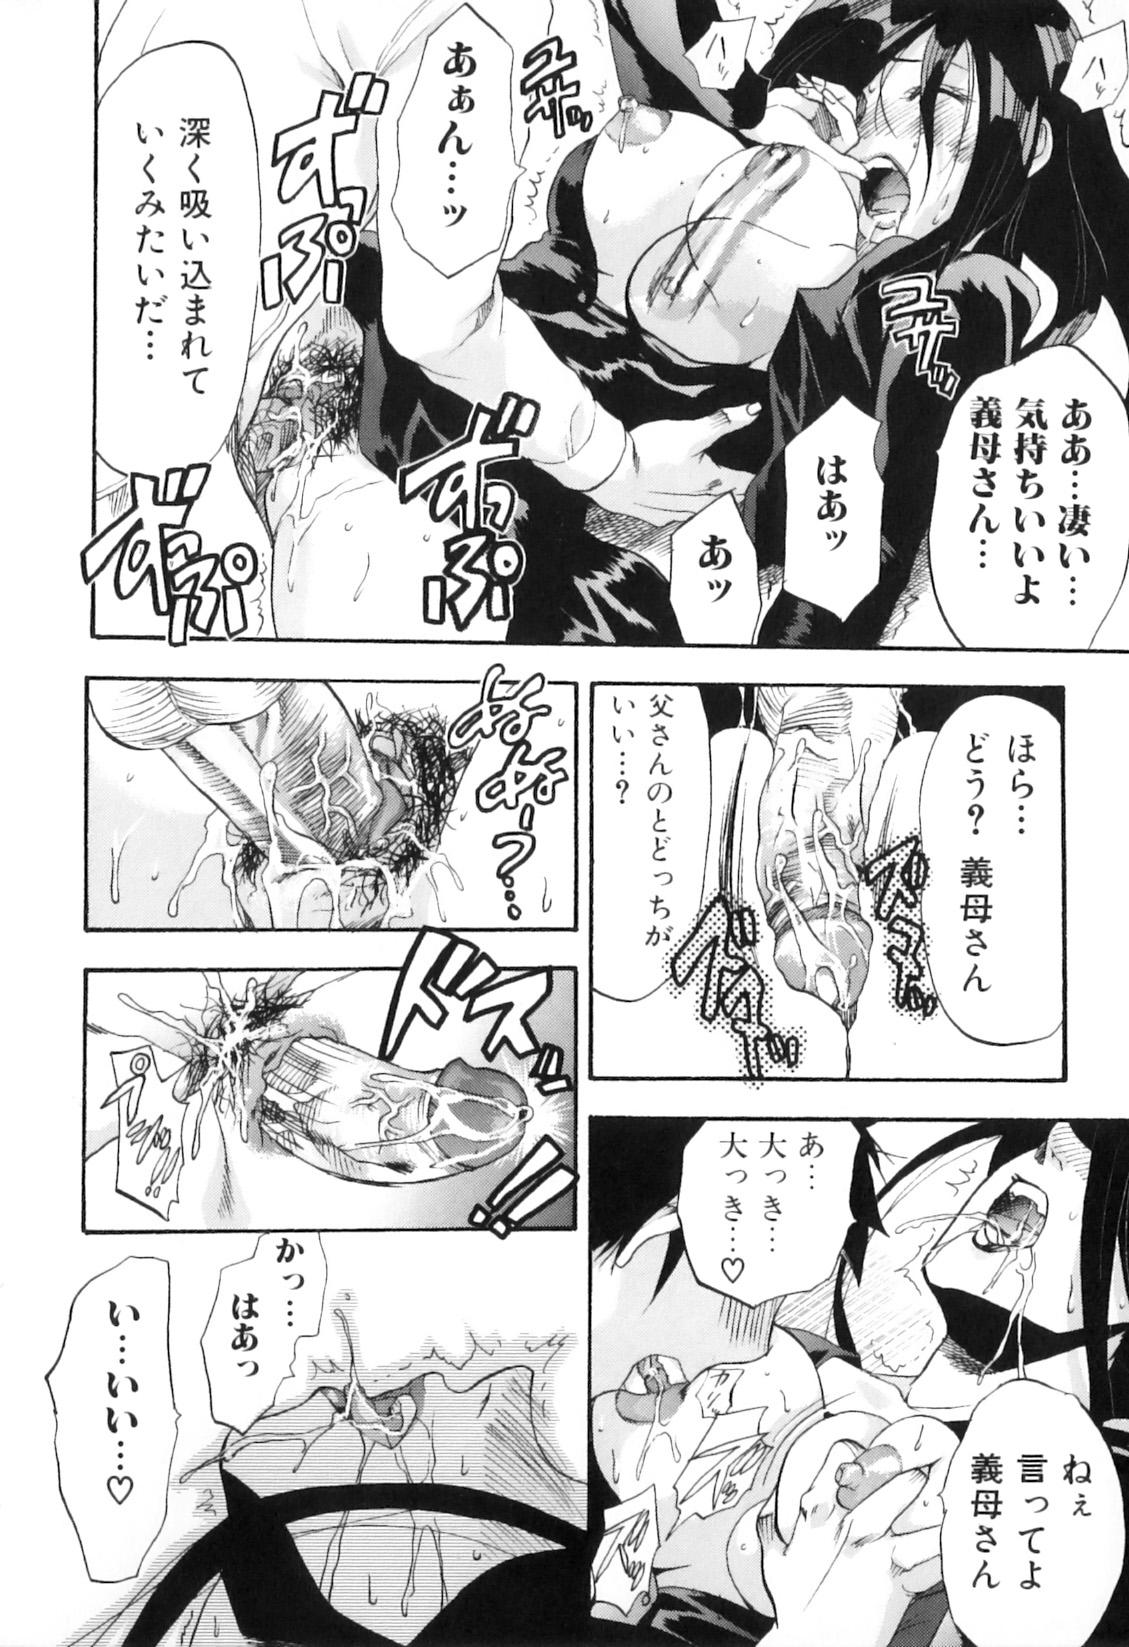 Yokujou Boshi - Desire Mother and Child 109